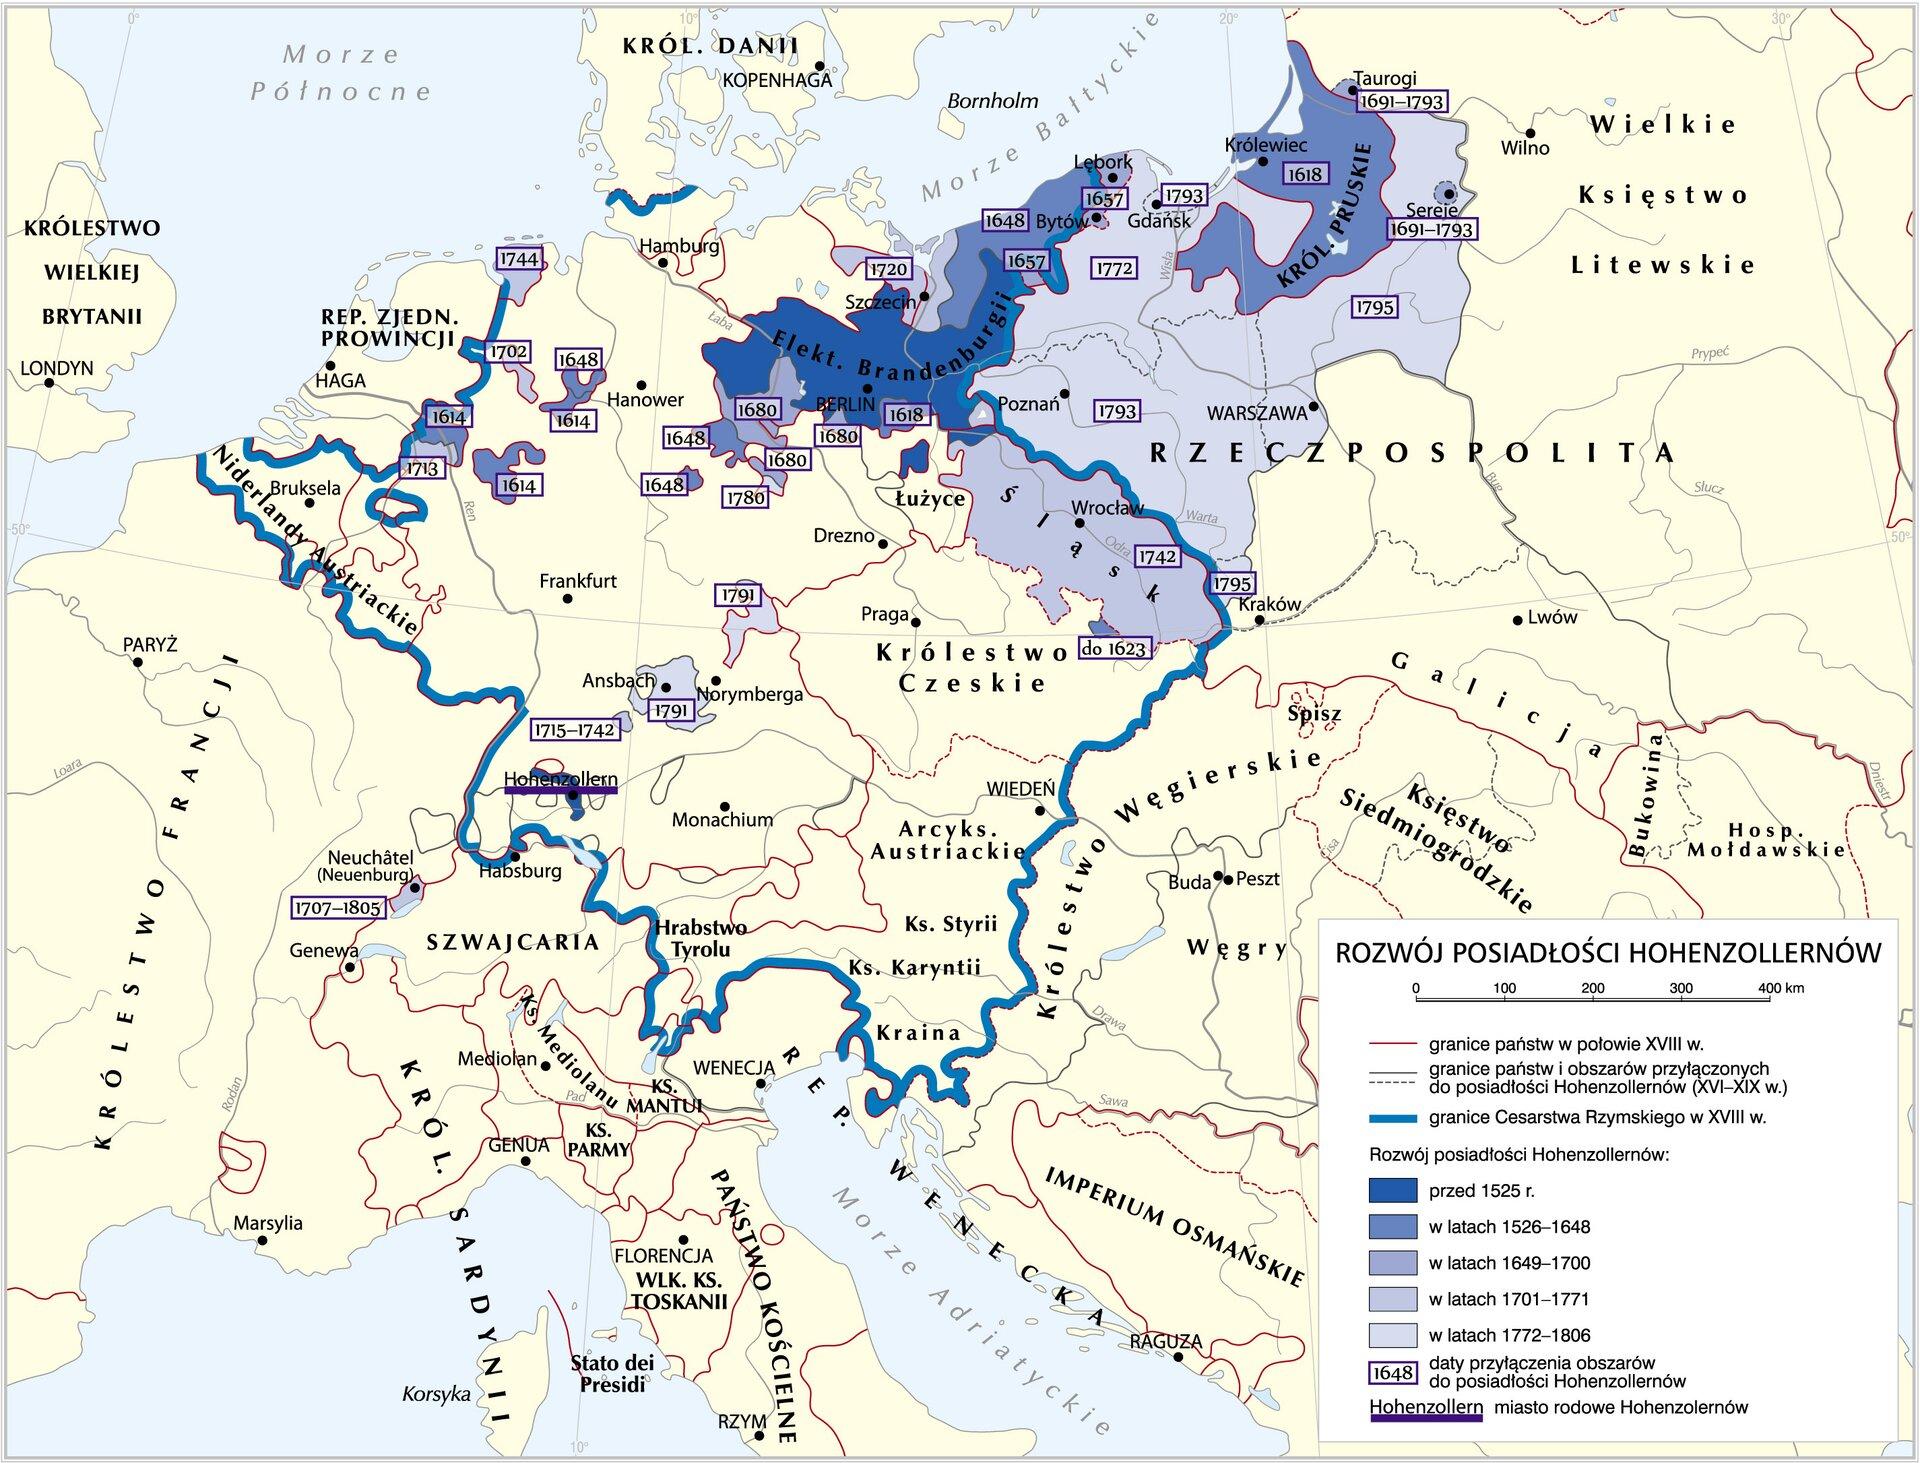 Rozwój posiadłości Hohenzollernów Rozwój posiadłości Hohenzollernów Źródło: Krystian Chariza izespół, licencja: CC BY-SA 3.0.